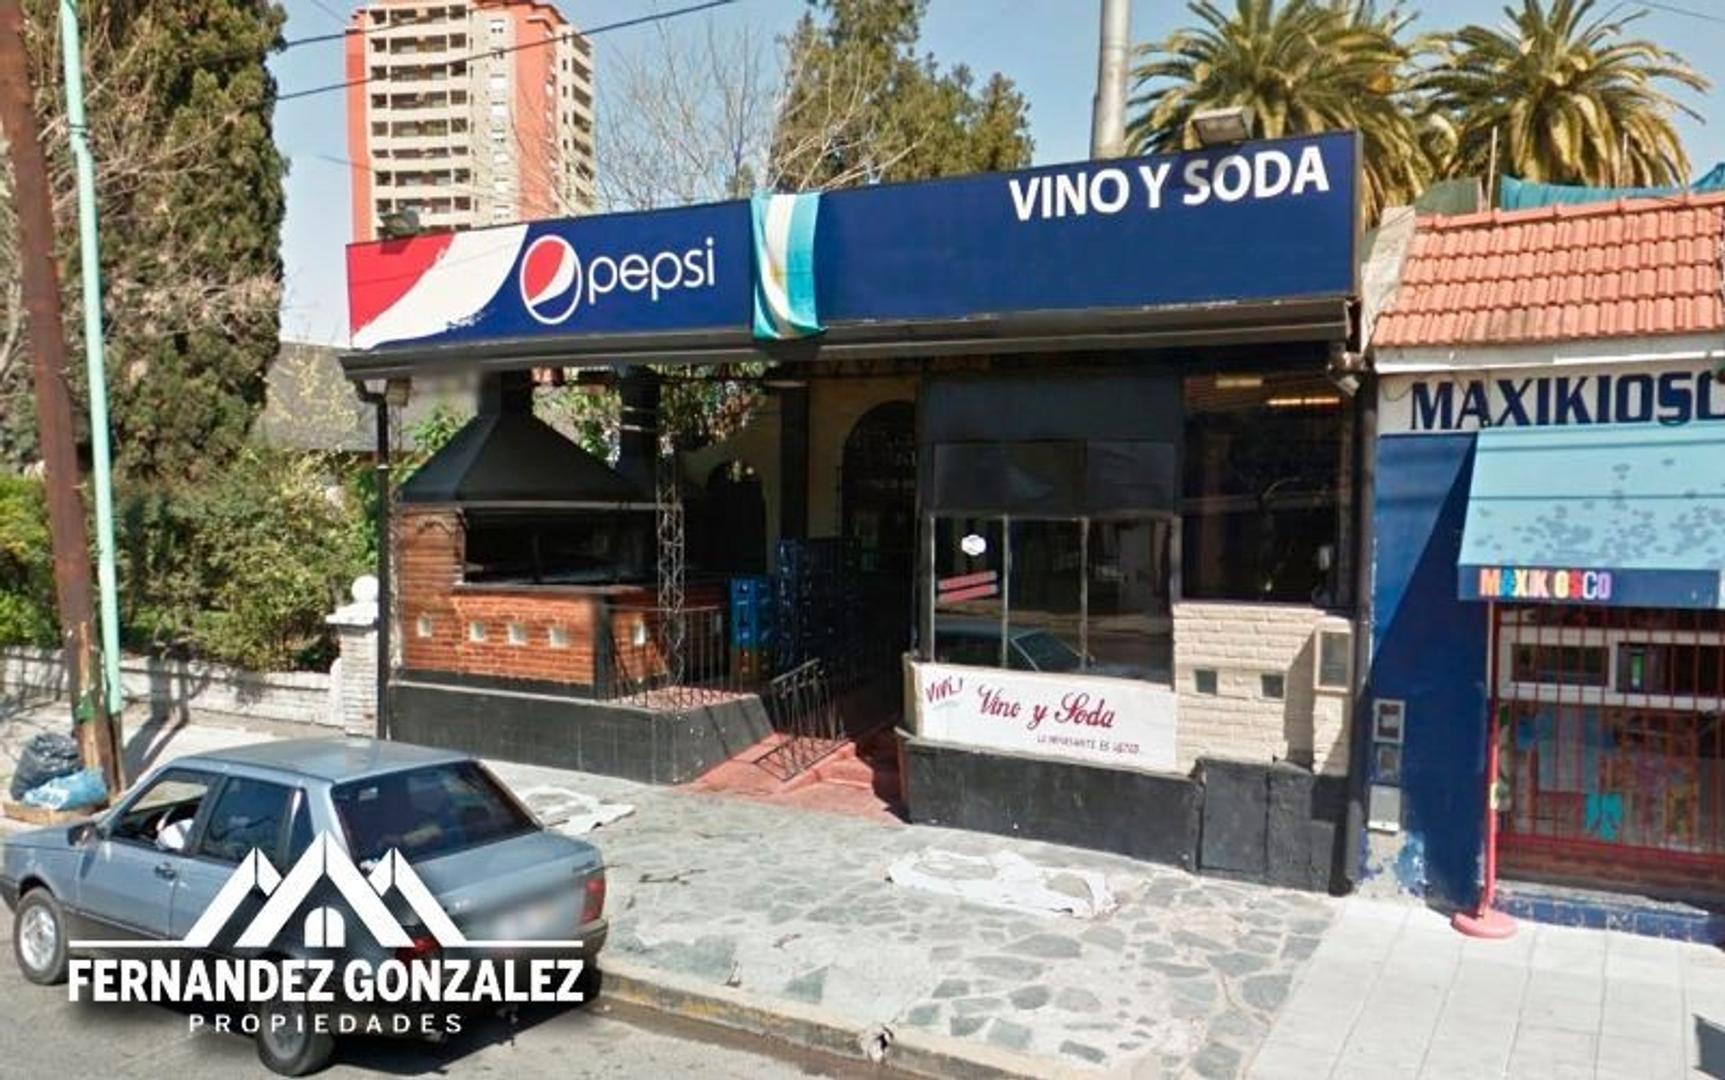 Importante parrilla restaurant con 15 años de antigüedad.